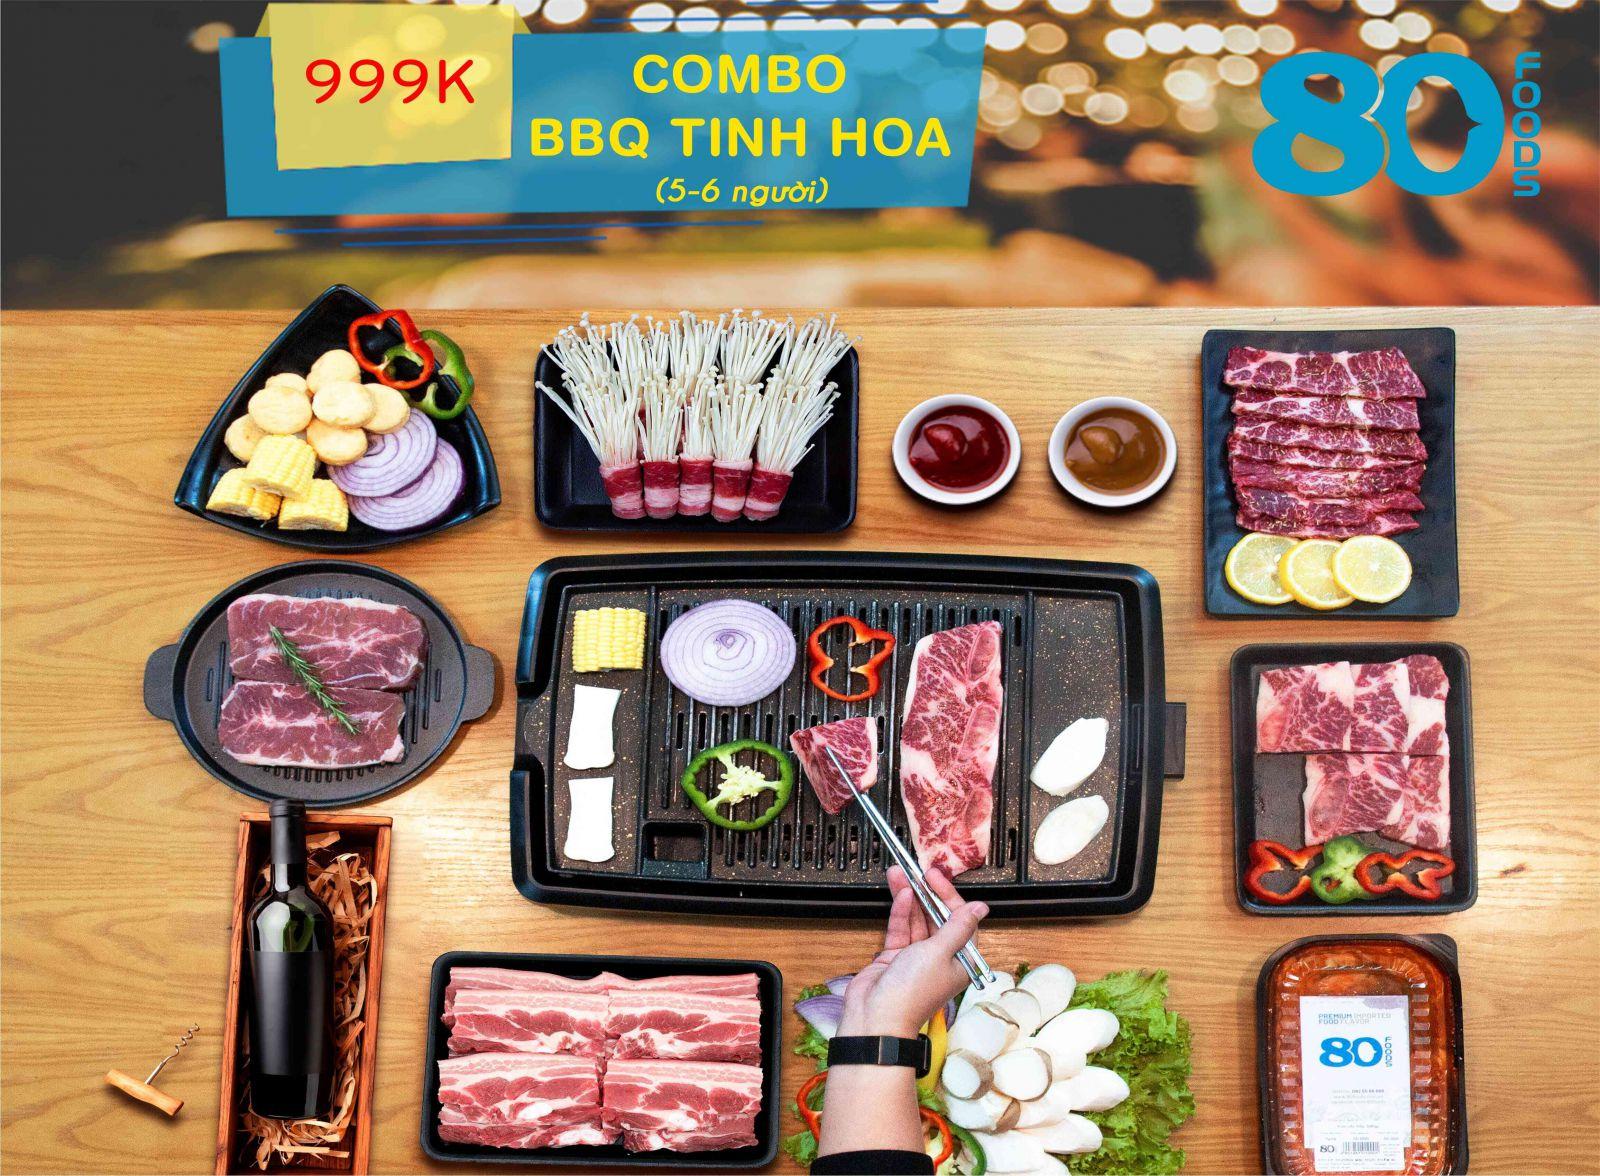 COMBO BBQ TINH HOA (5-6 NGƯỜI)